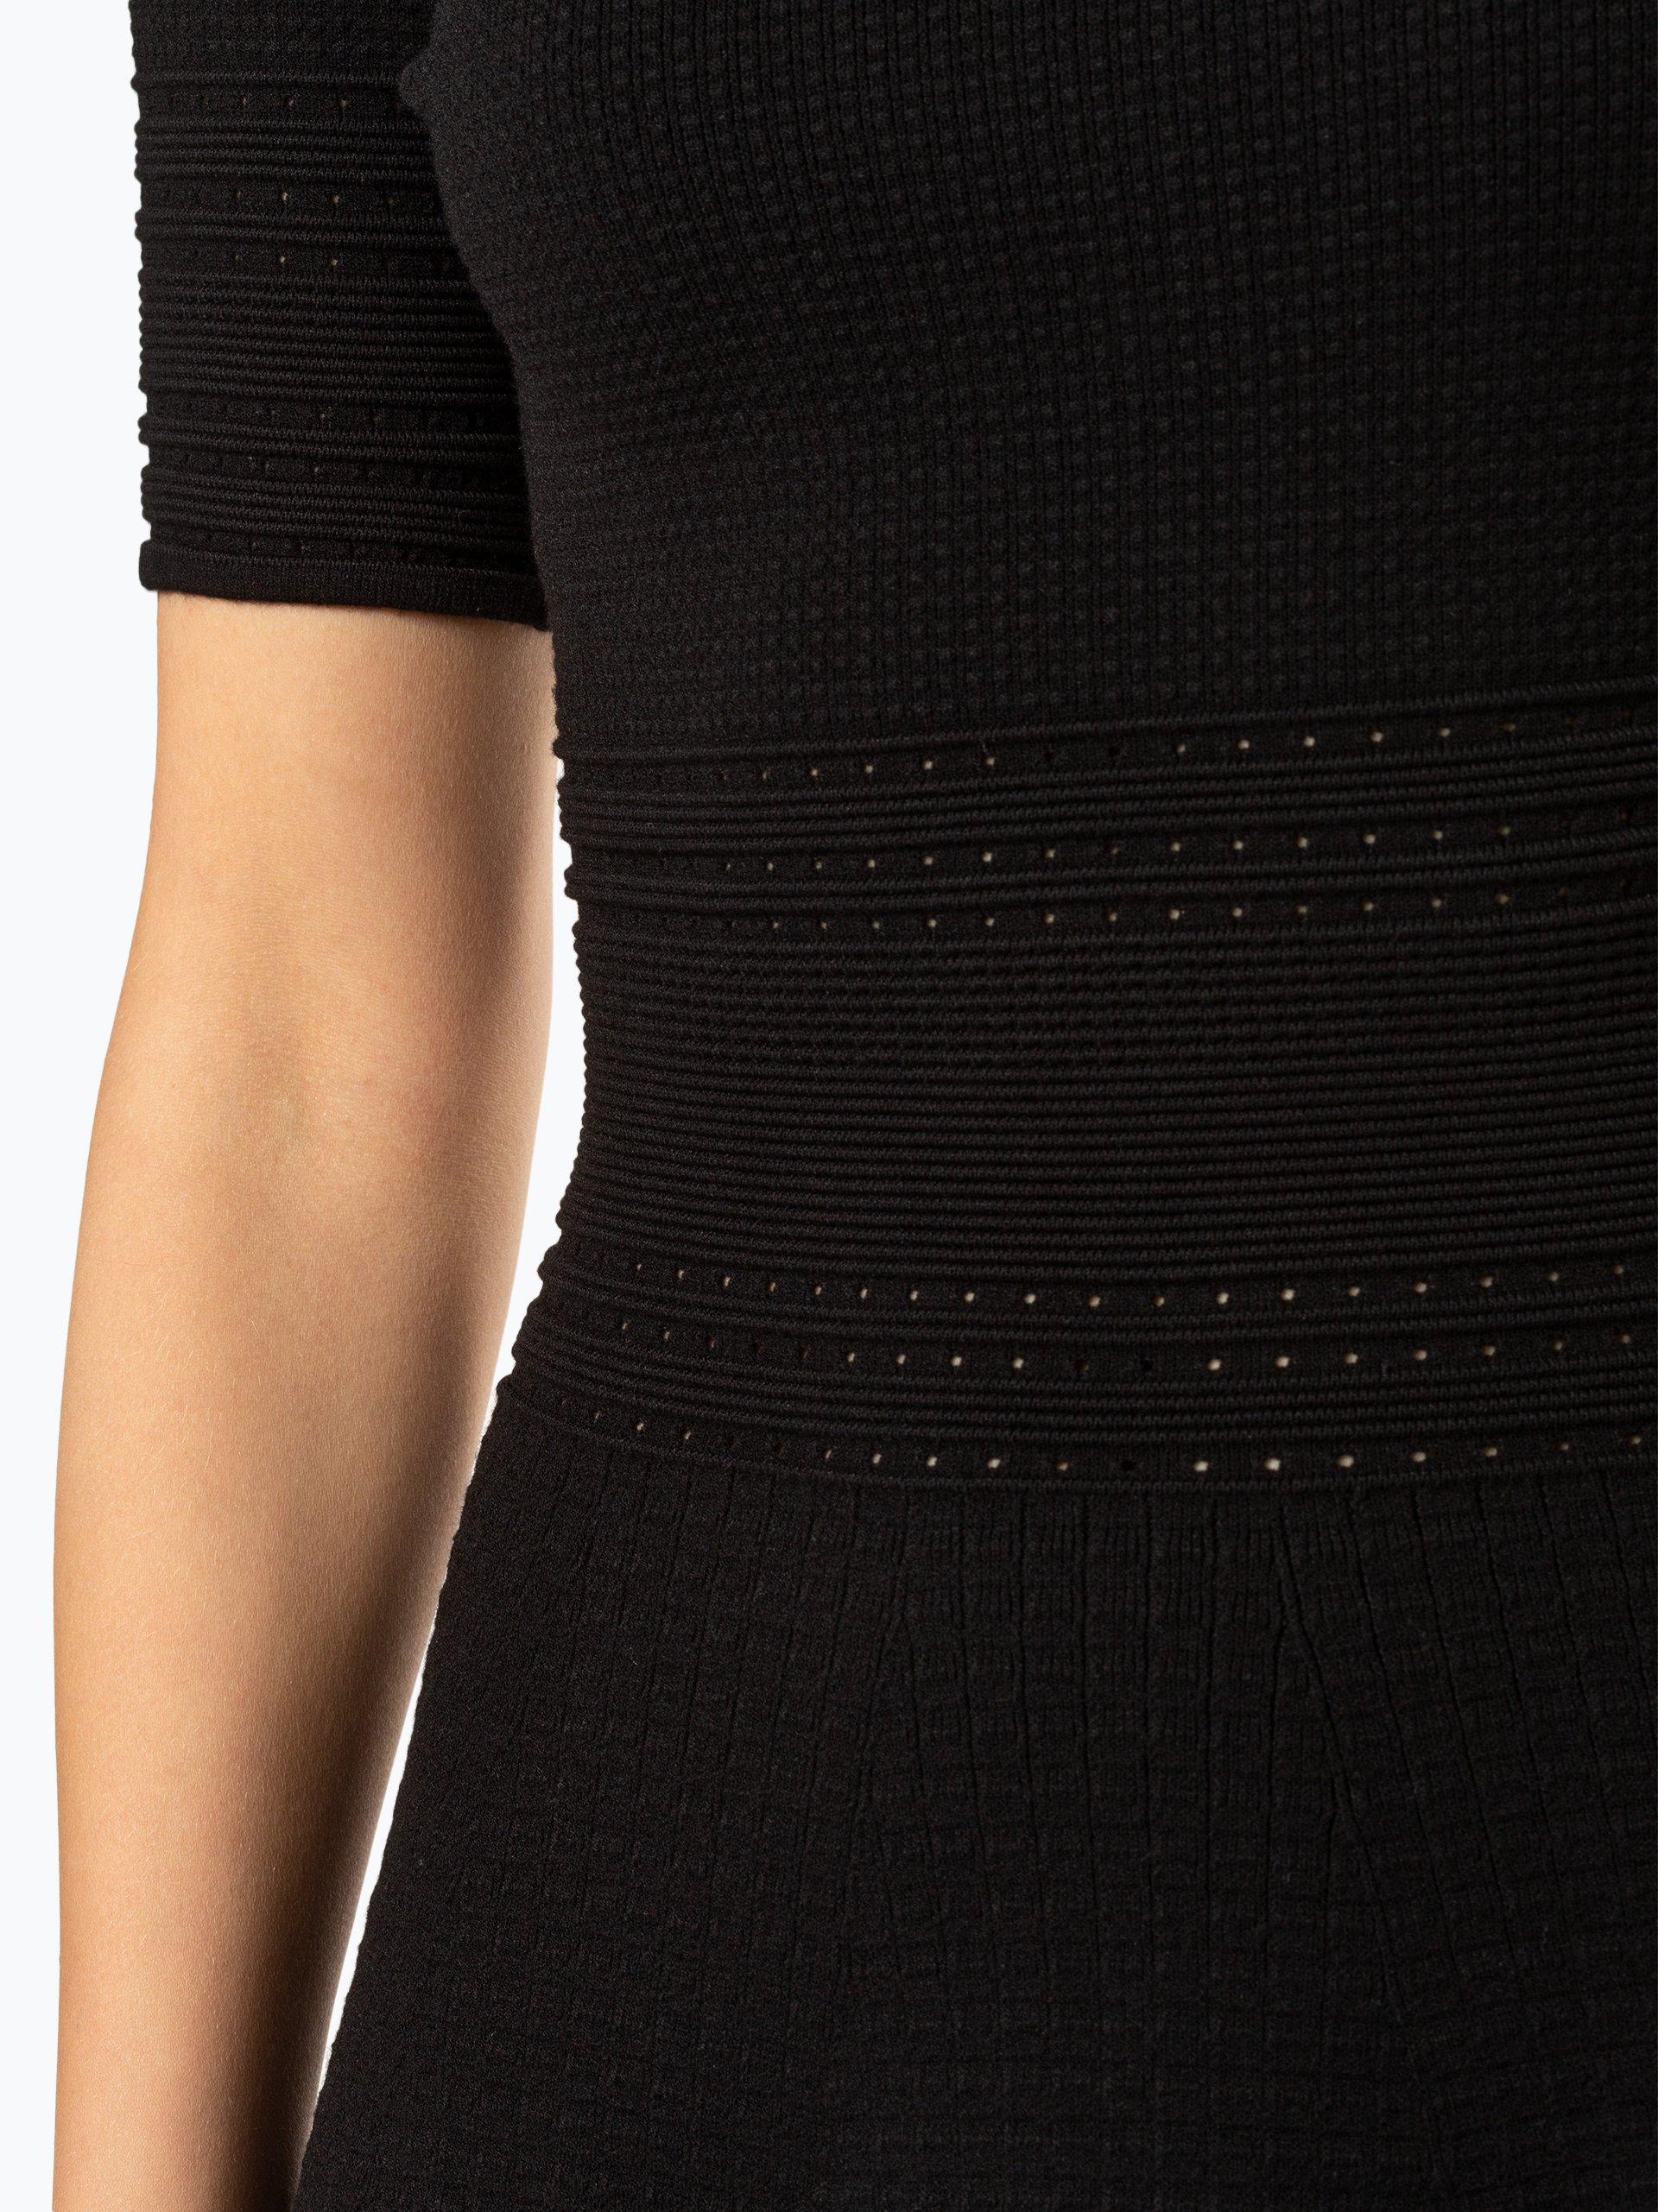 HUGO Damen Kleid - Sawary